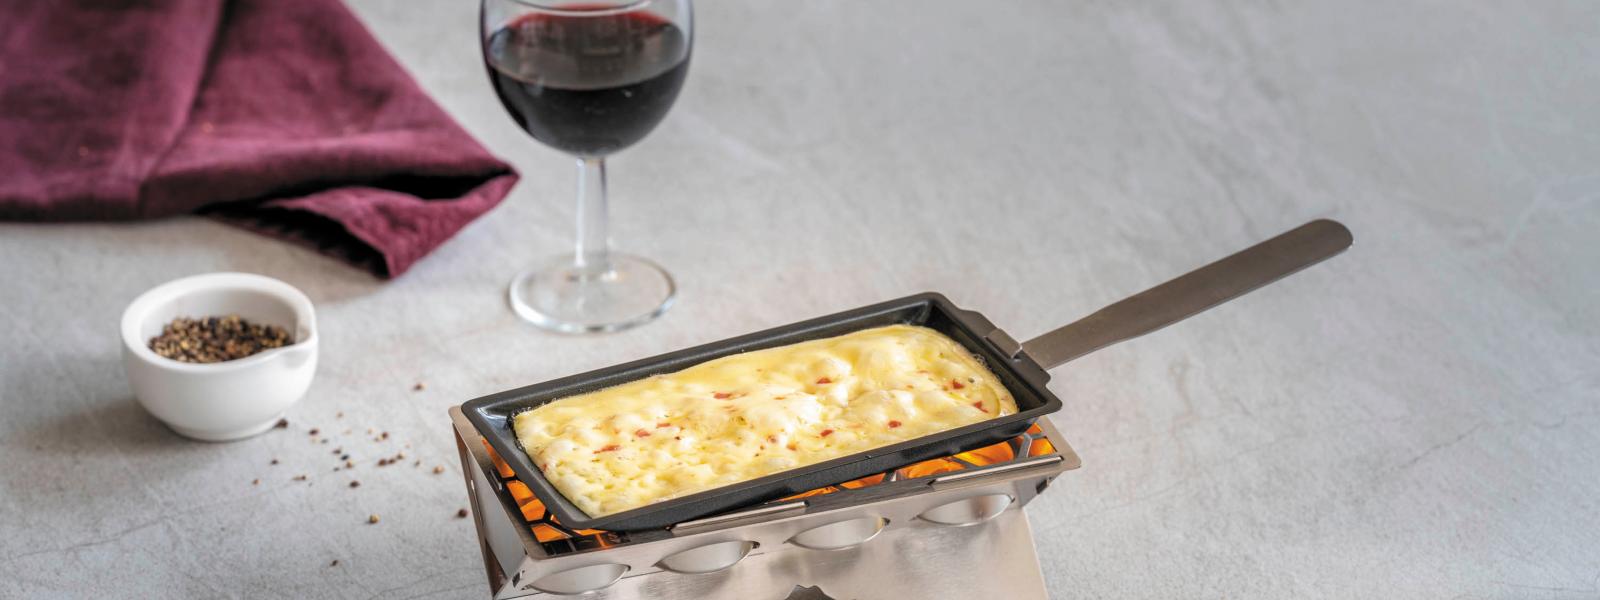 Ein Raclette Stöfchen brät Raclette, im Hintergrund ein Glas Rotwein und Pfefferkörner